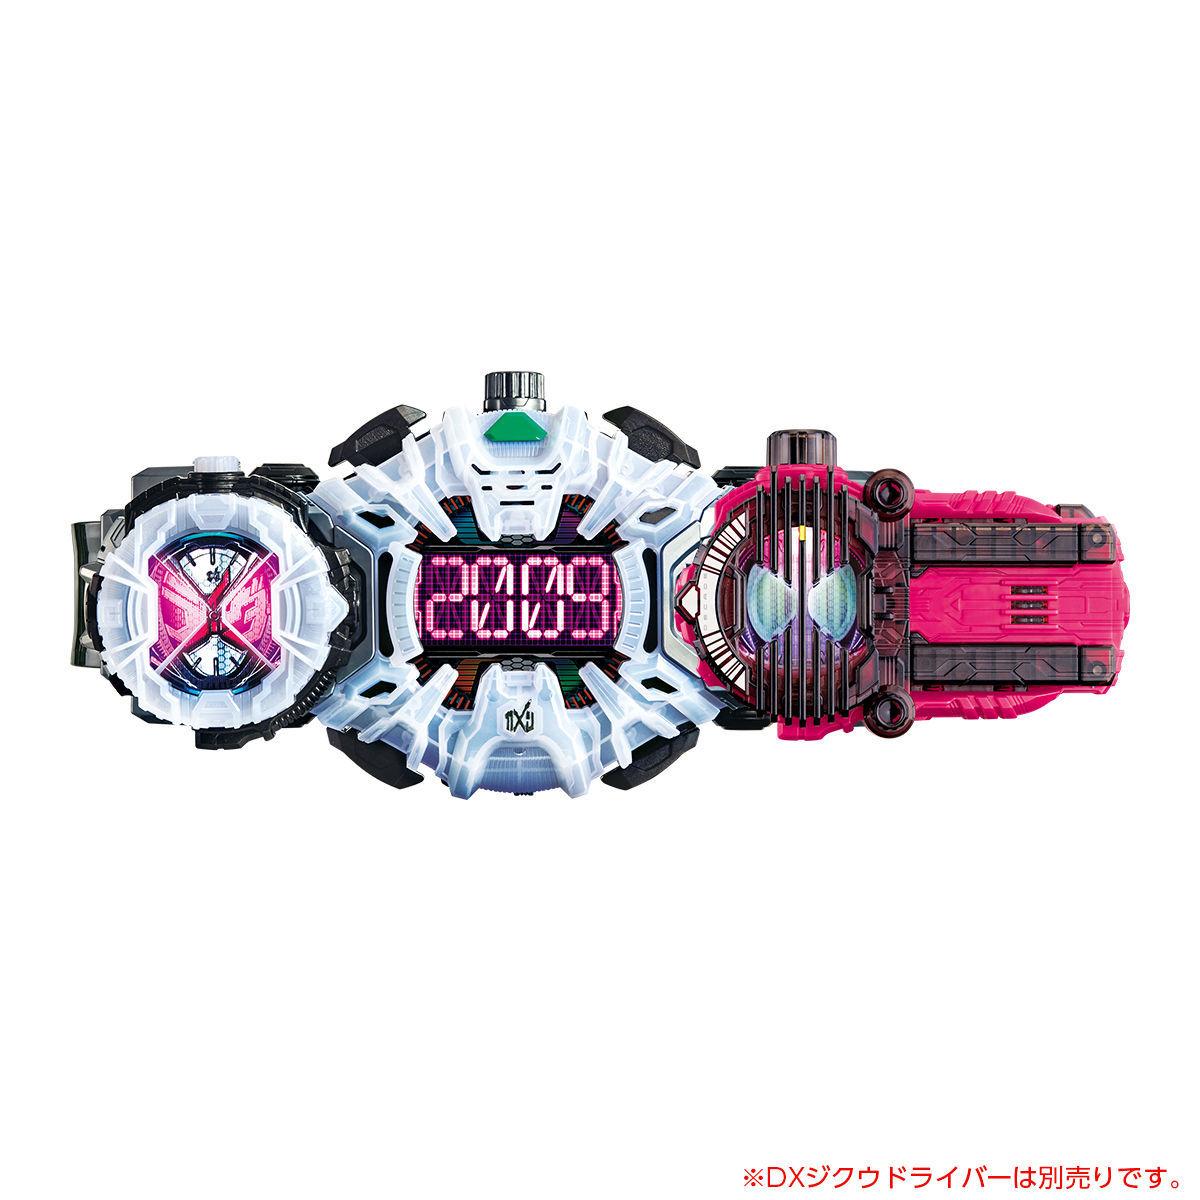 【限定販売】【再販】仮面ライダージオウ『DXディケイドライドウォッチ』変身なりきり-003